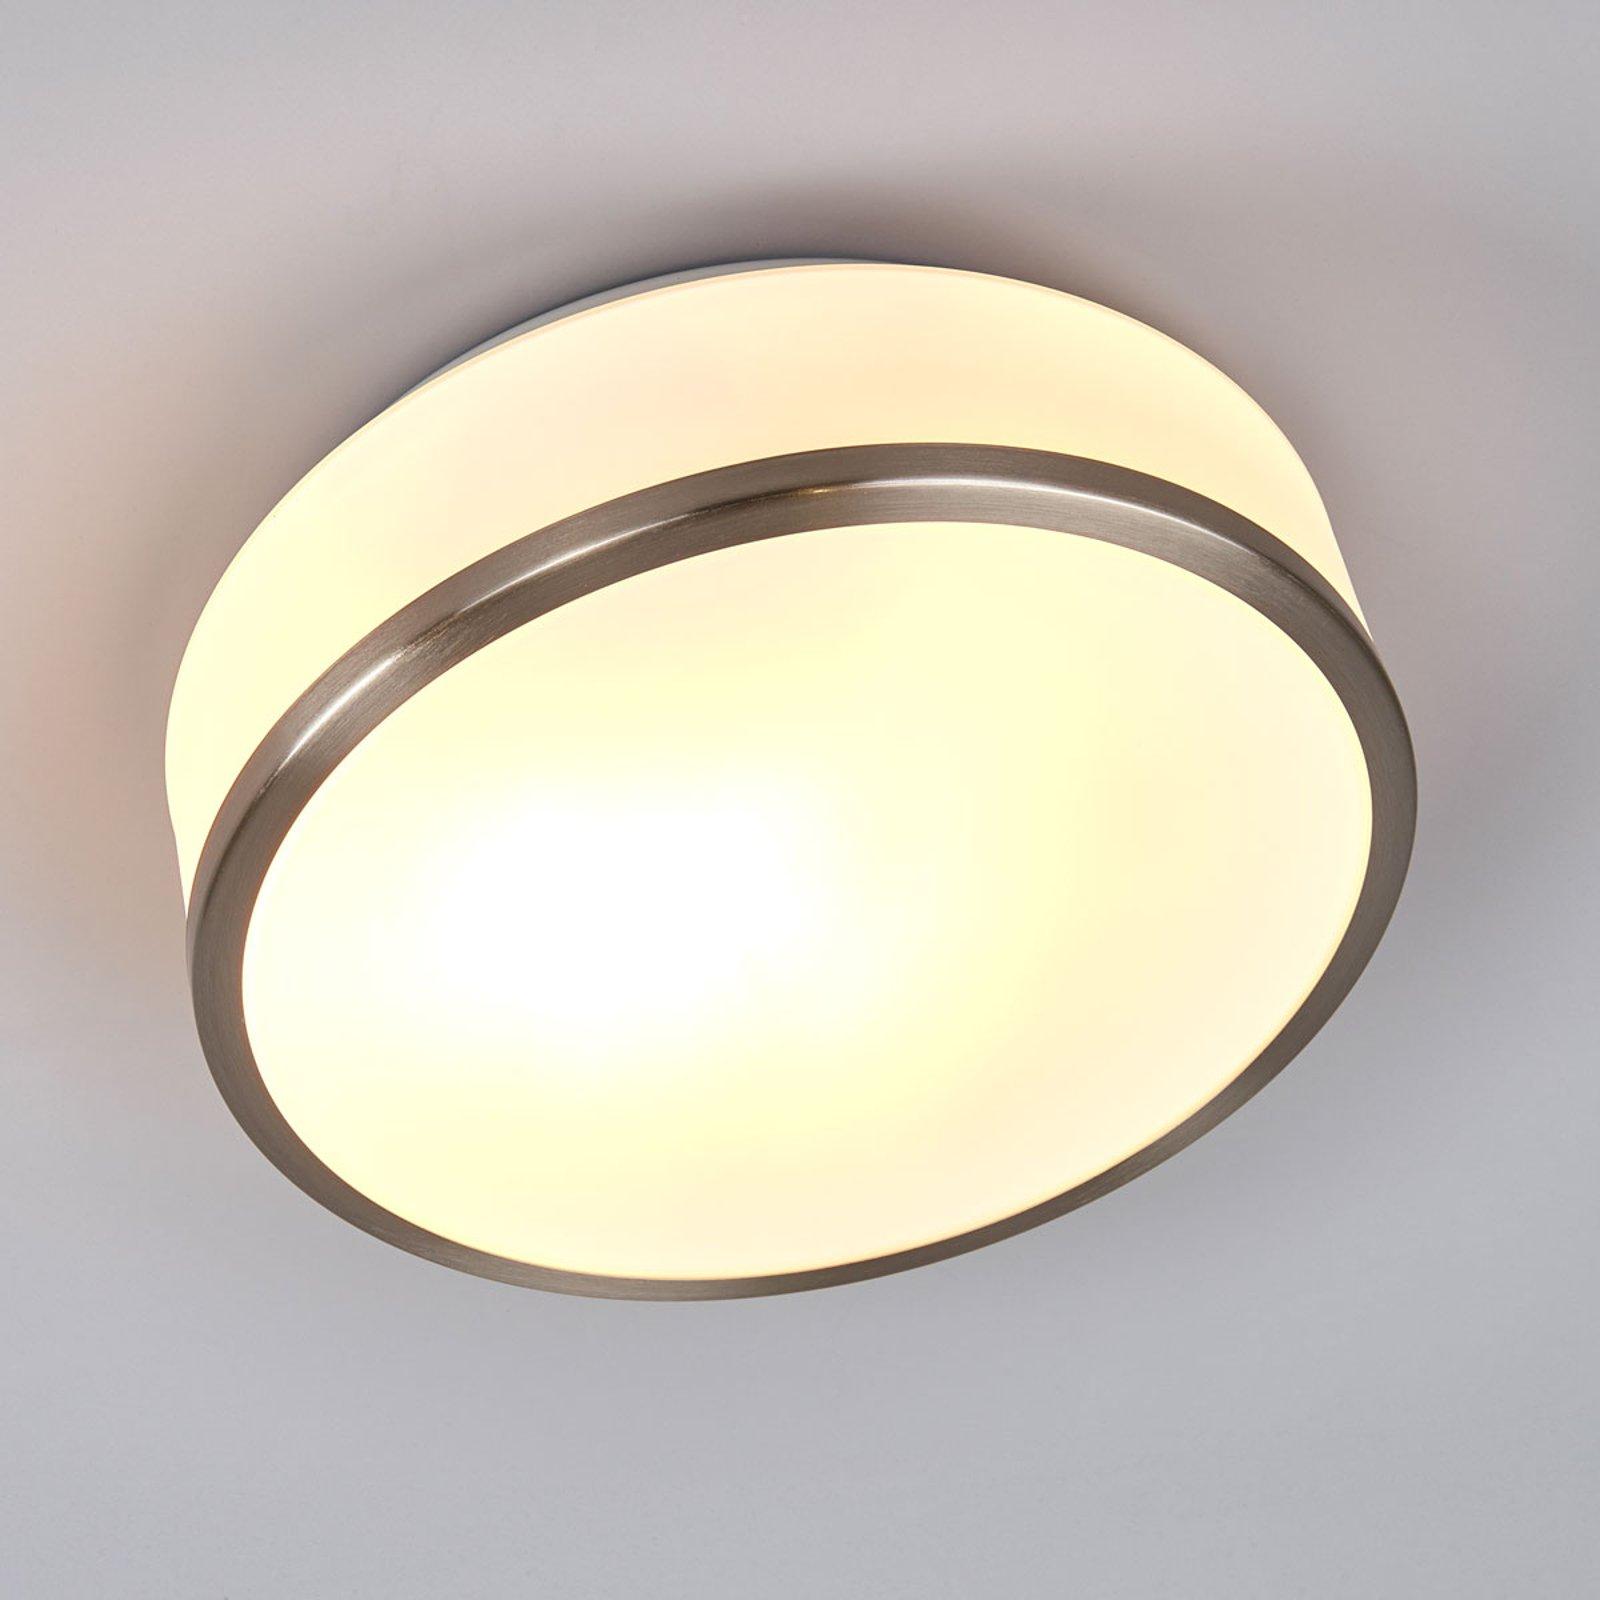 Taklampe Flush IP44, Ø 28 cm, sølv satinert